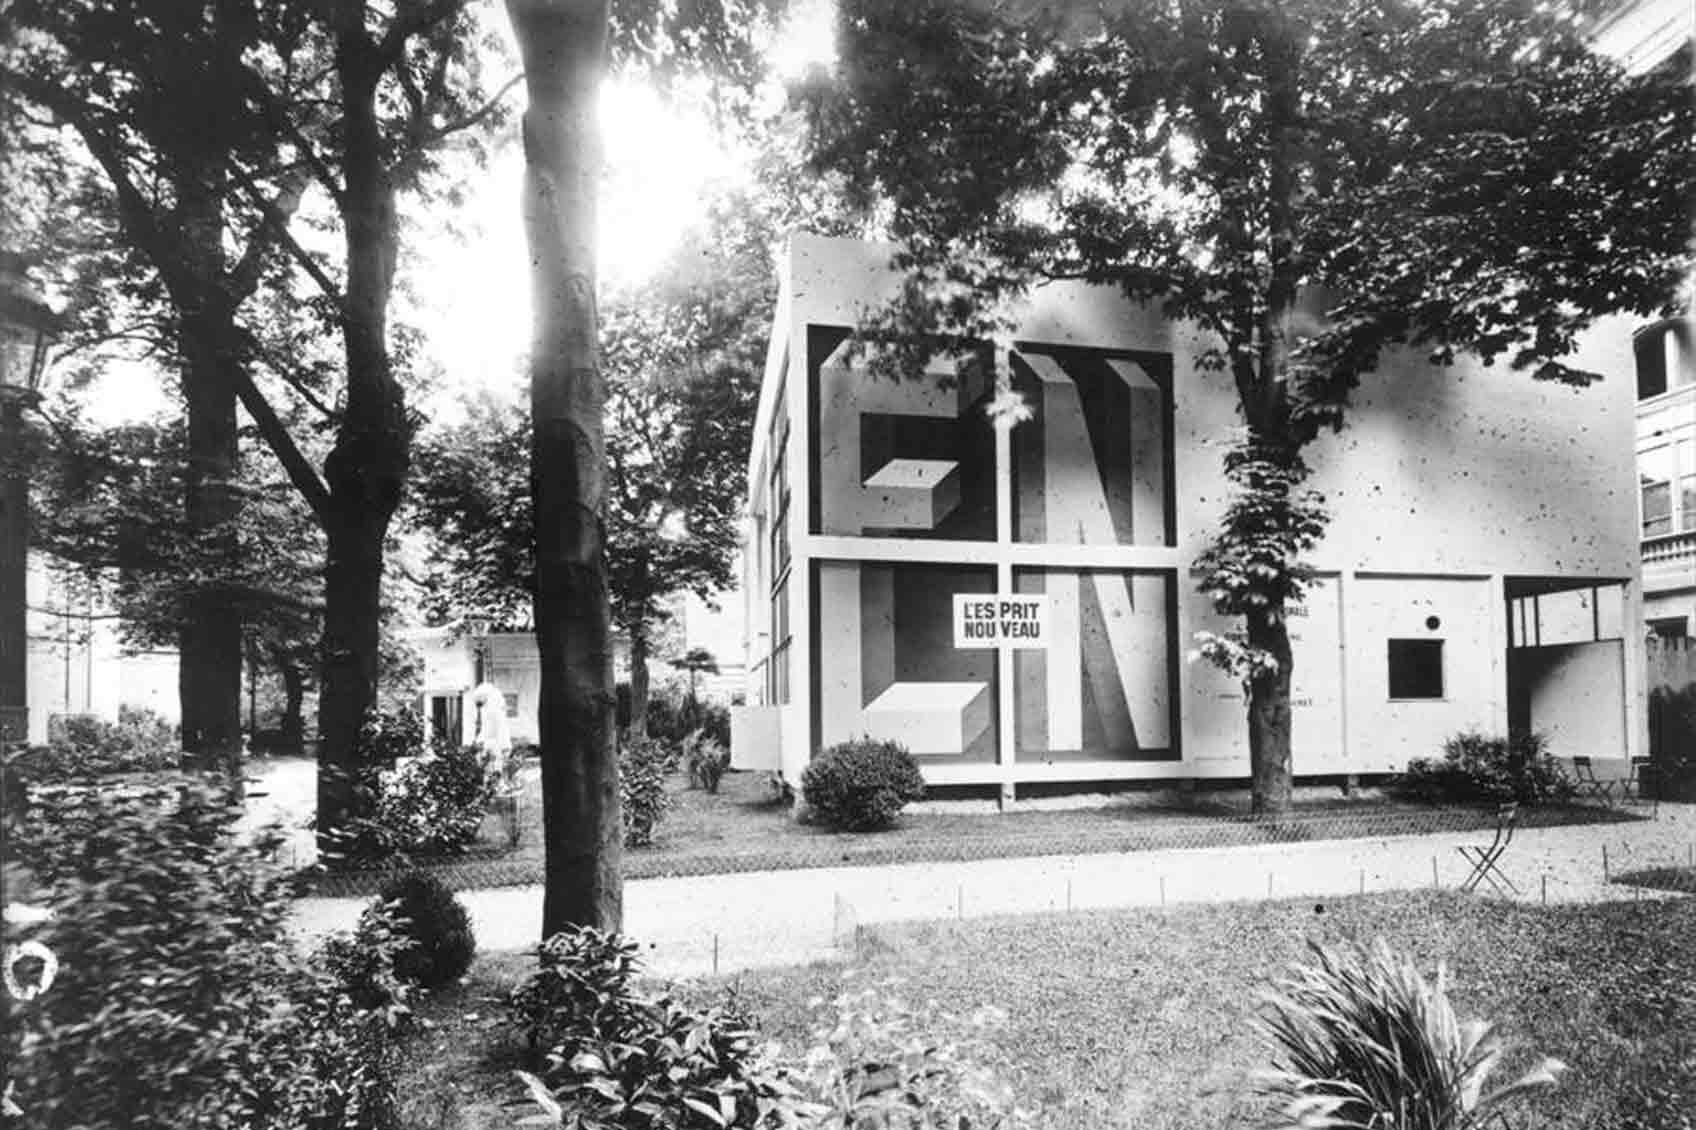 Esprit Art Deco Com pavilion de l'esprit nouveau – an avant-garde vision of the